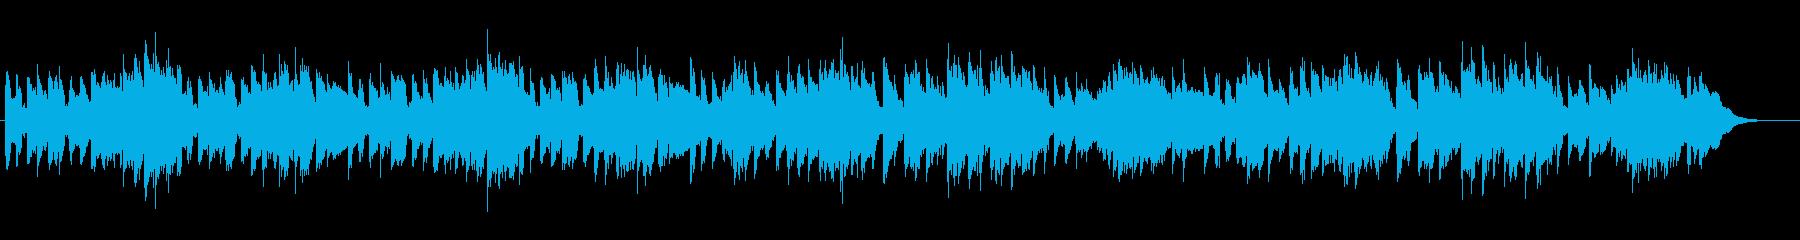 歩くスピードで穏やかなピアノ曲の再生済みの波形